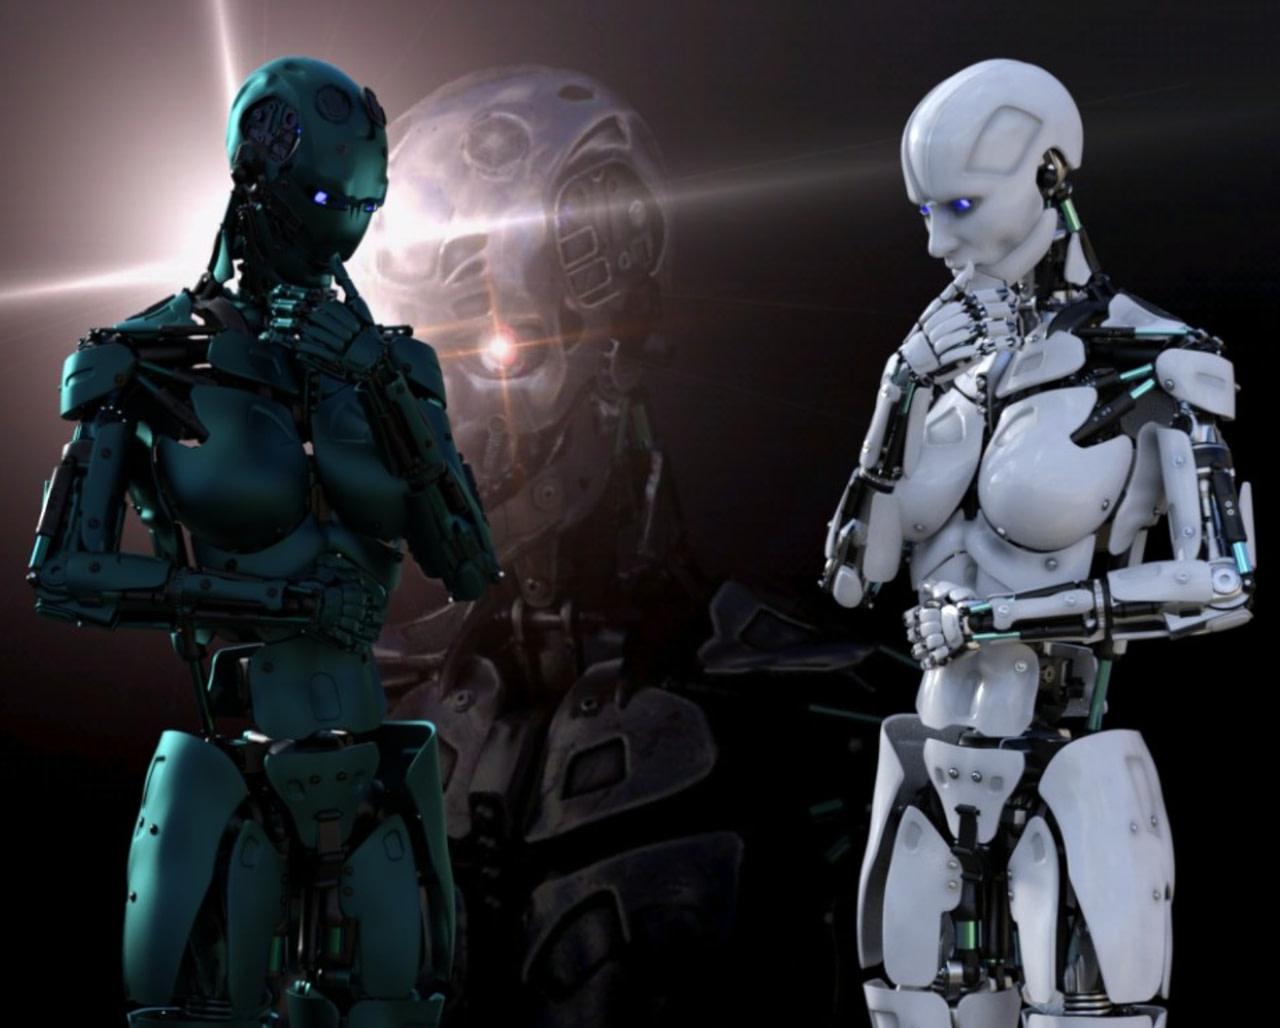 daz cyborg generation 8 female